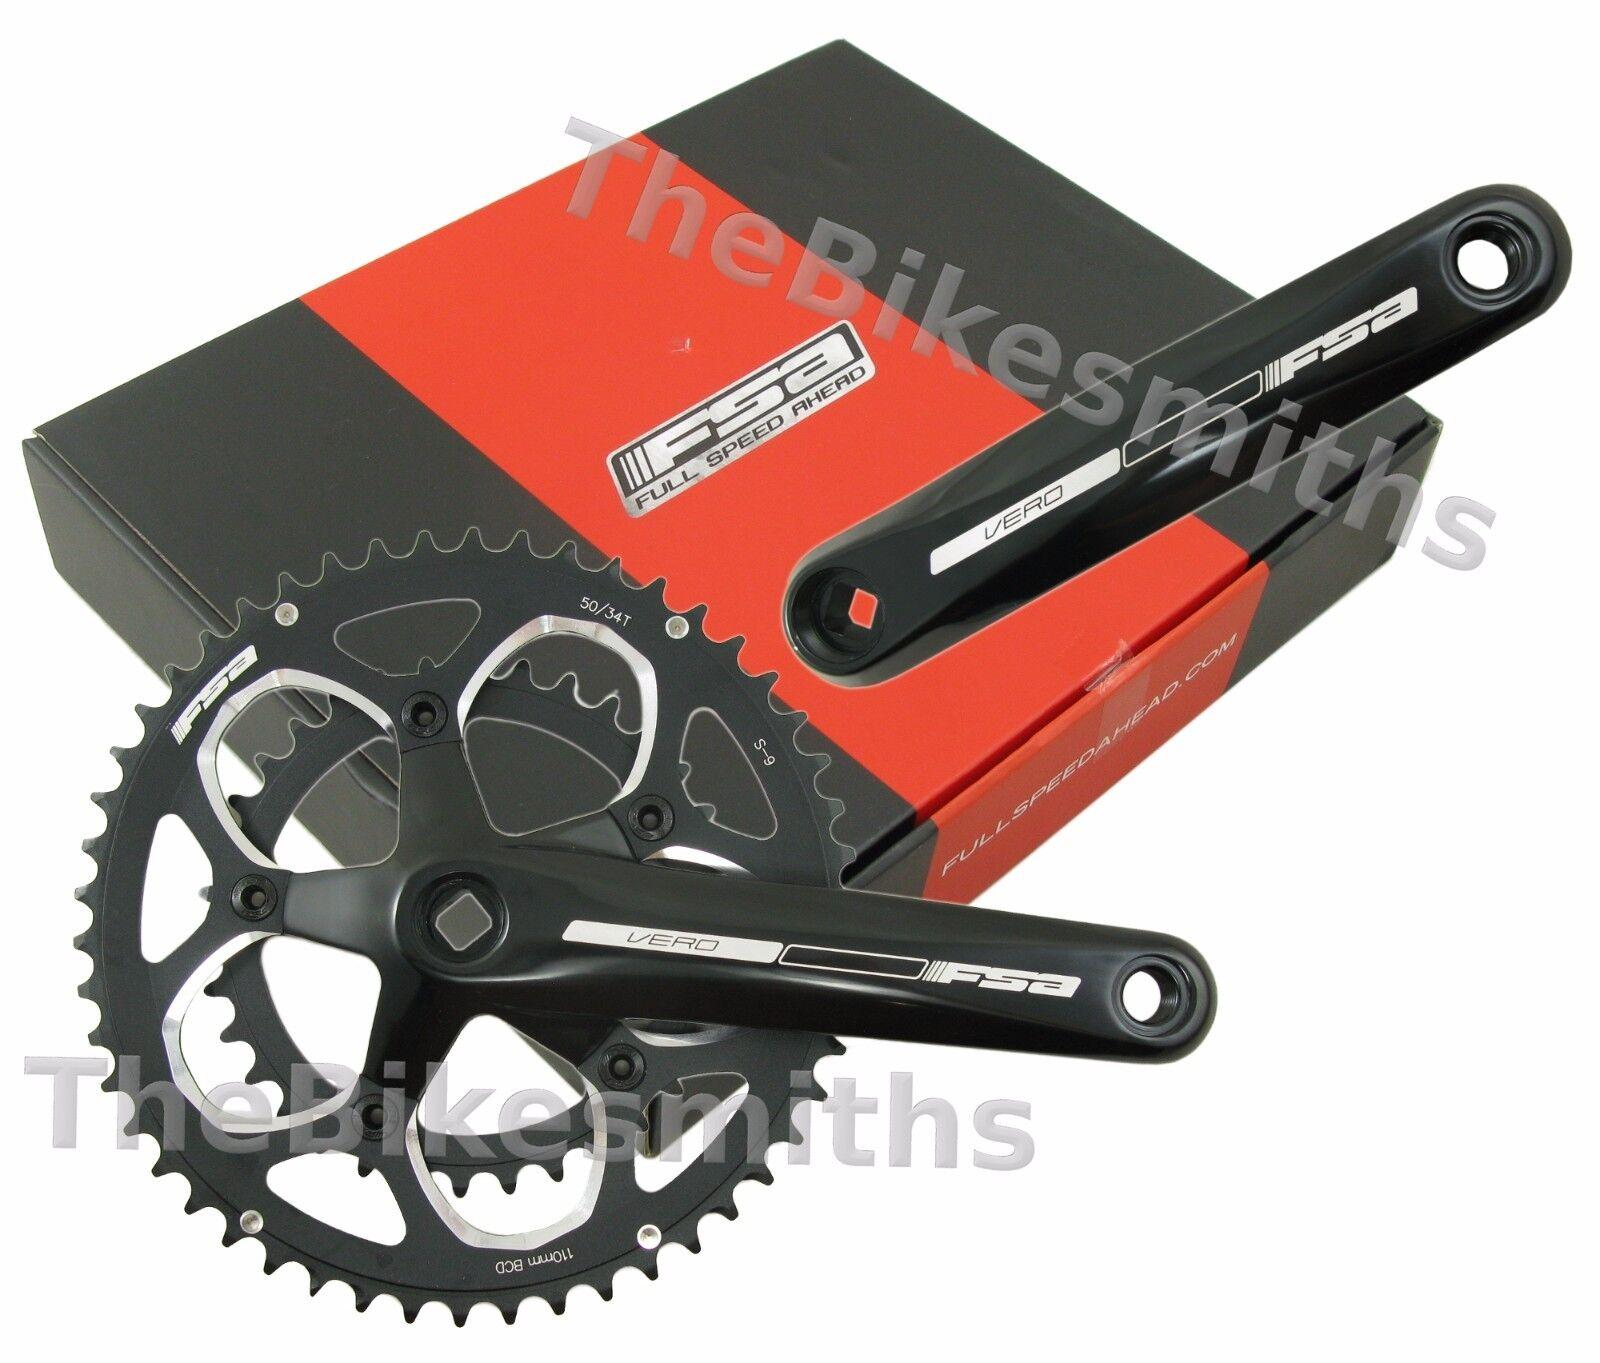 FSA Vero Compact Bike Crankset 50 34T 34T 34T SQT JIS 170  172.5  175mm fit Sram Shimano eb0a8e